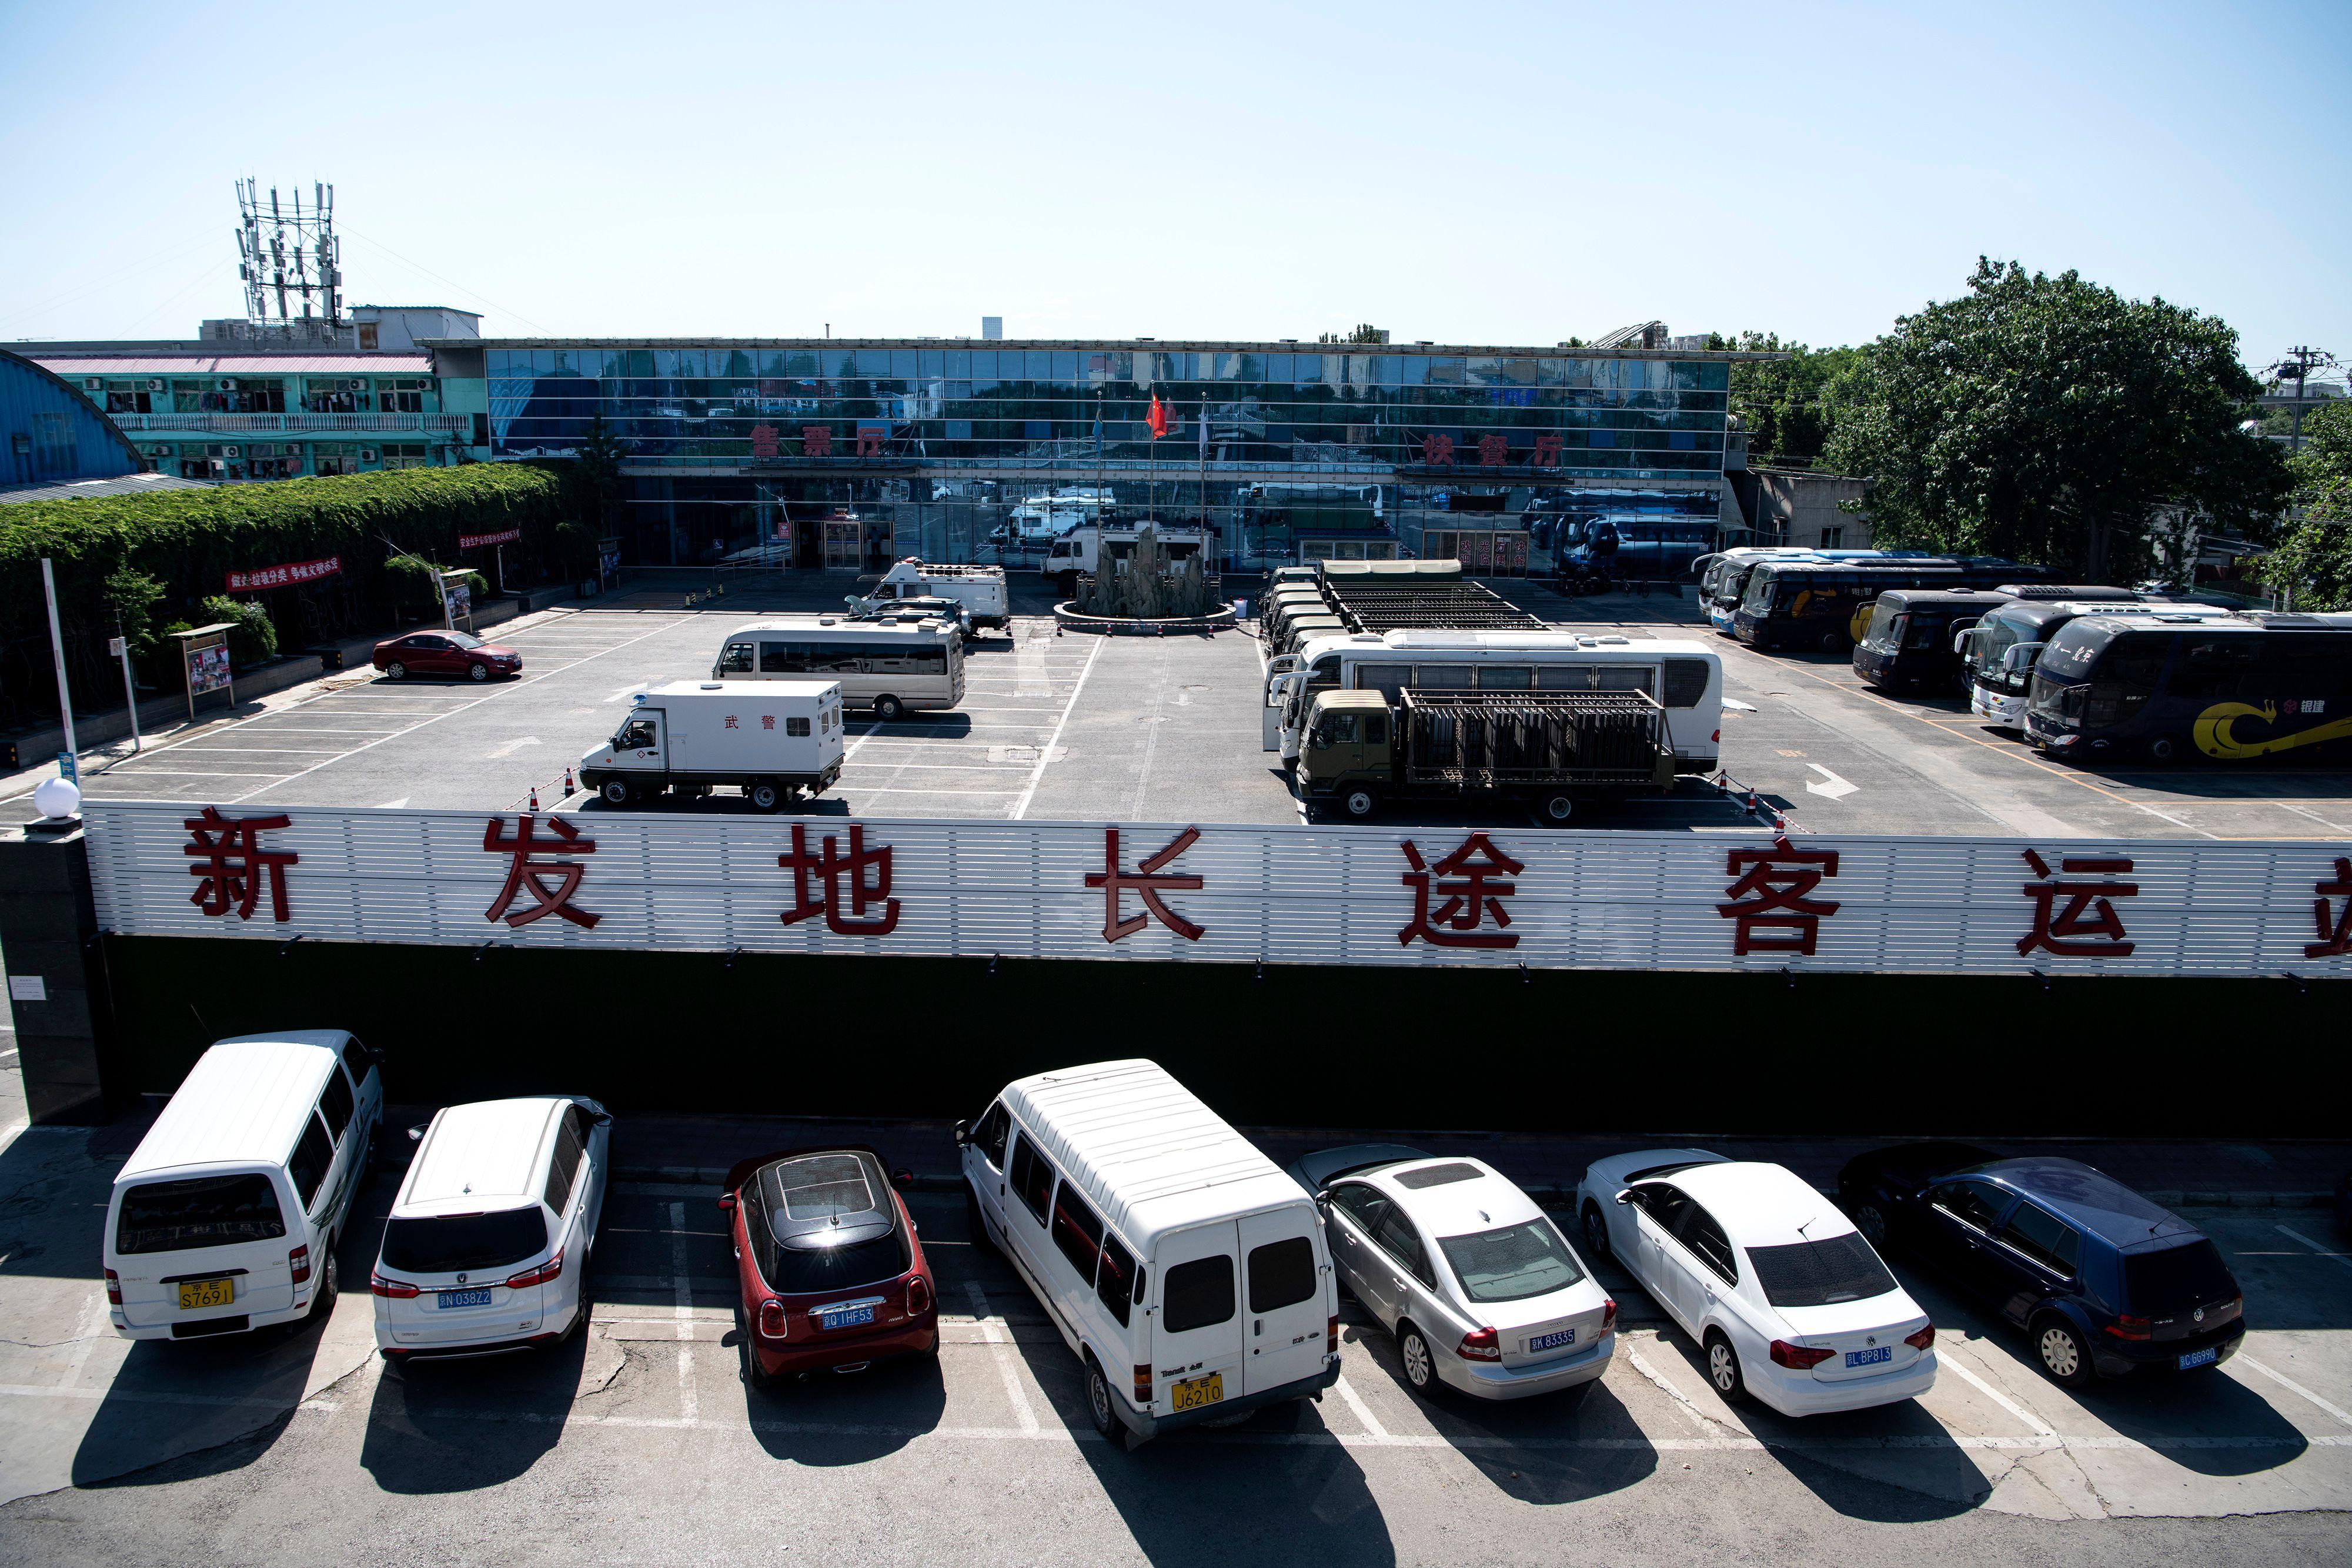 北京新發地批發市場疫情擴大。圖為新發地客運站6月13日已閉站,長途客運停運。(NOEL CELIS/AFP via Getty Images)